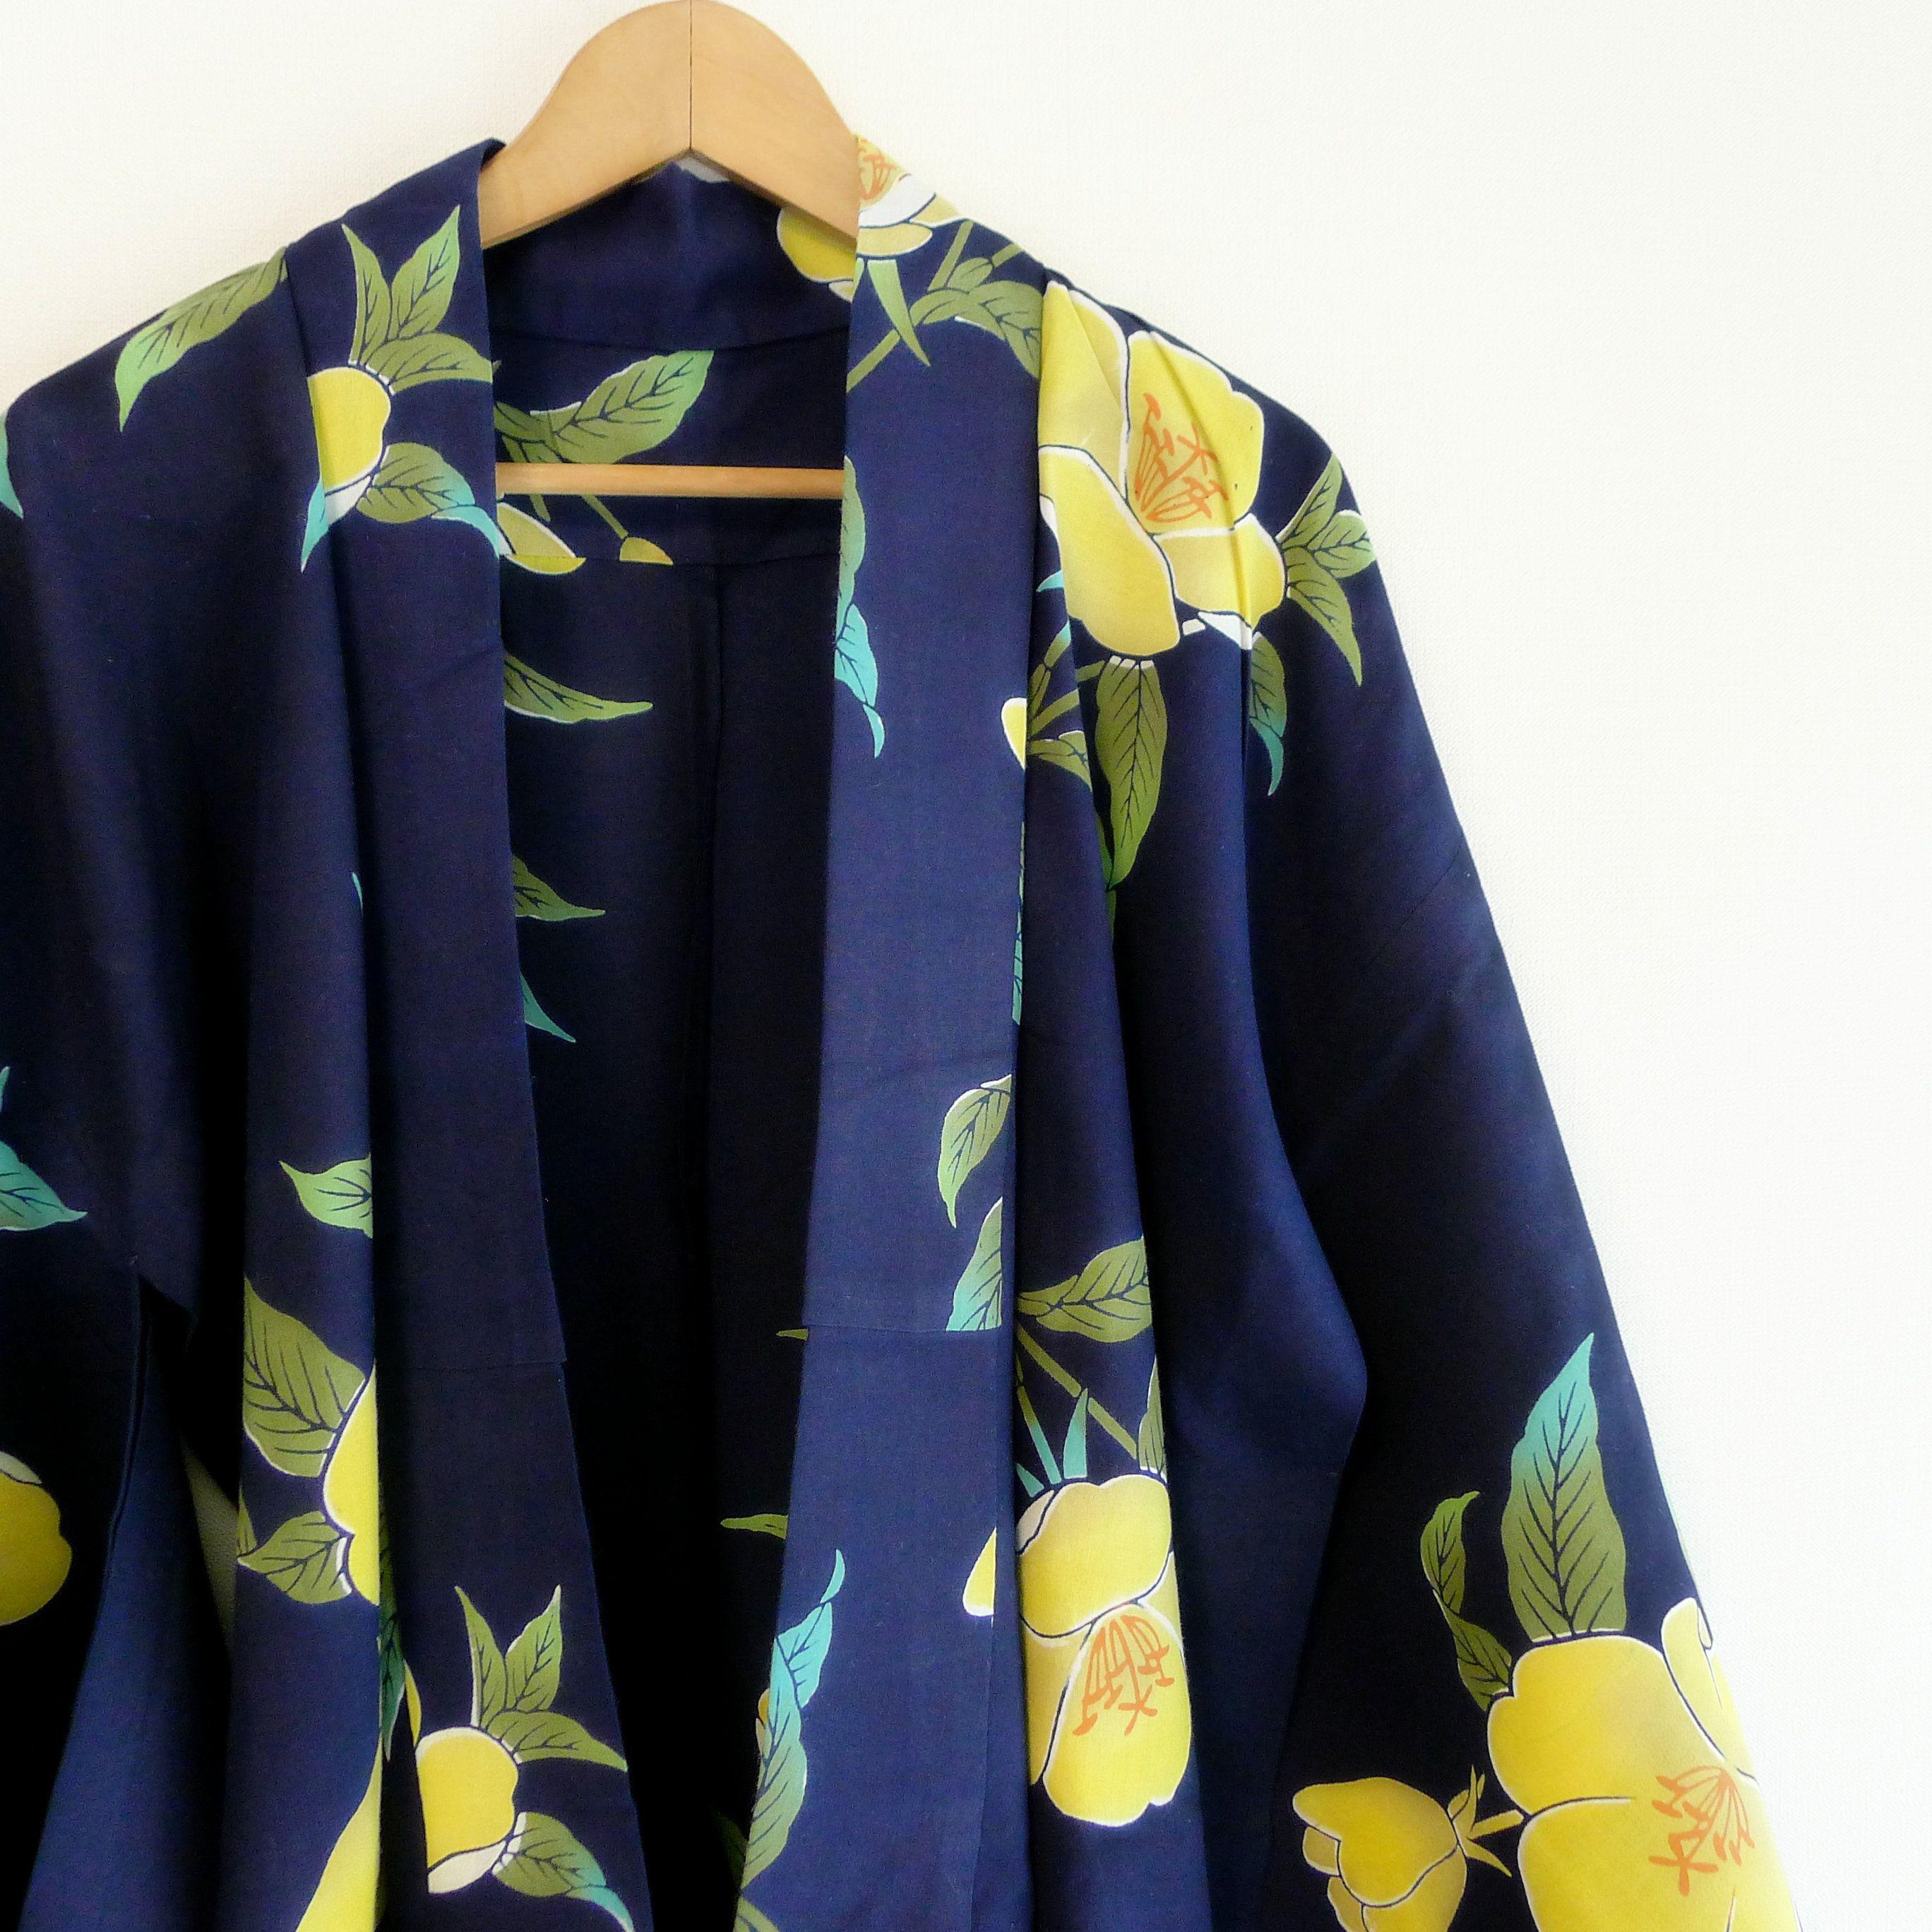 Large Yukata for women Japanese kimono robe, cotton robe